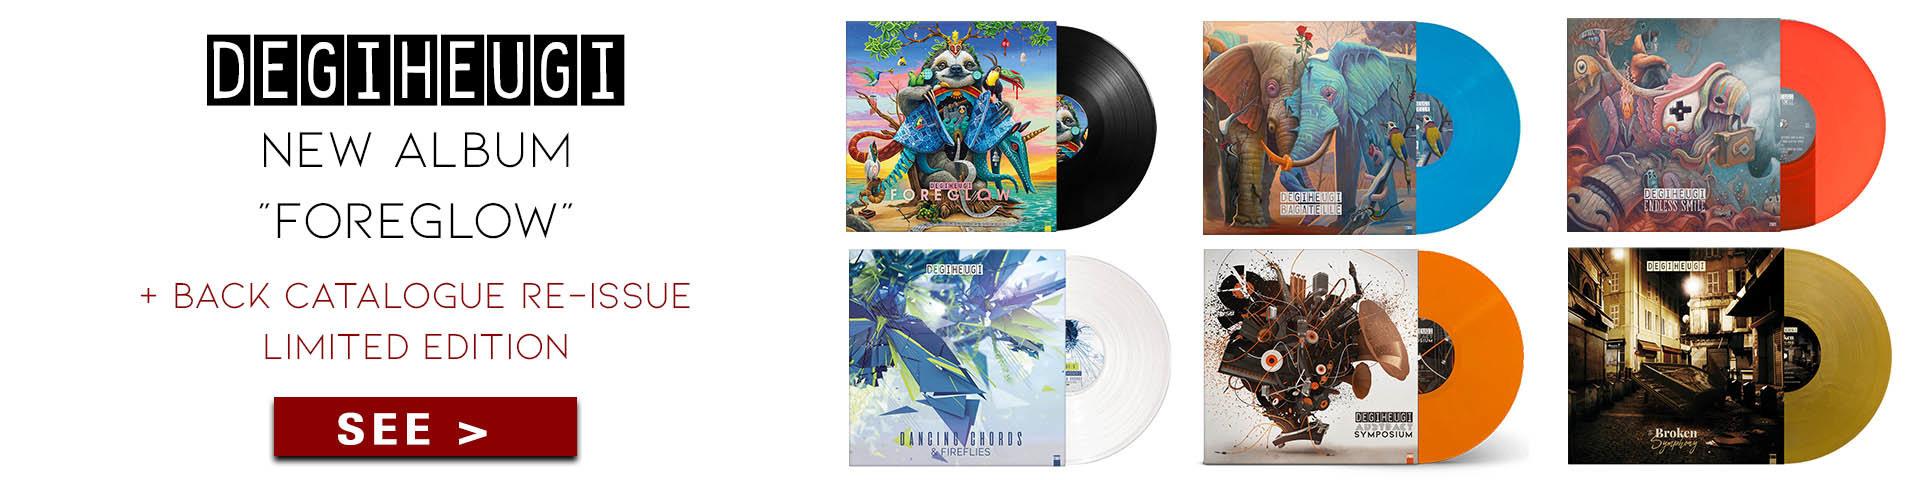 degiheugi-vinyls-cd-shop-xray